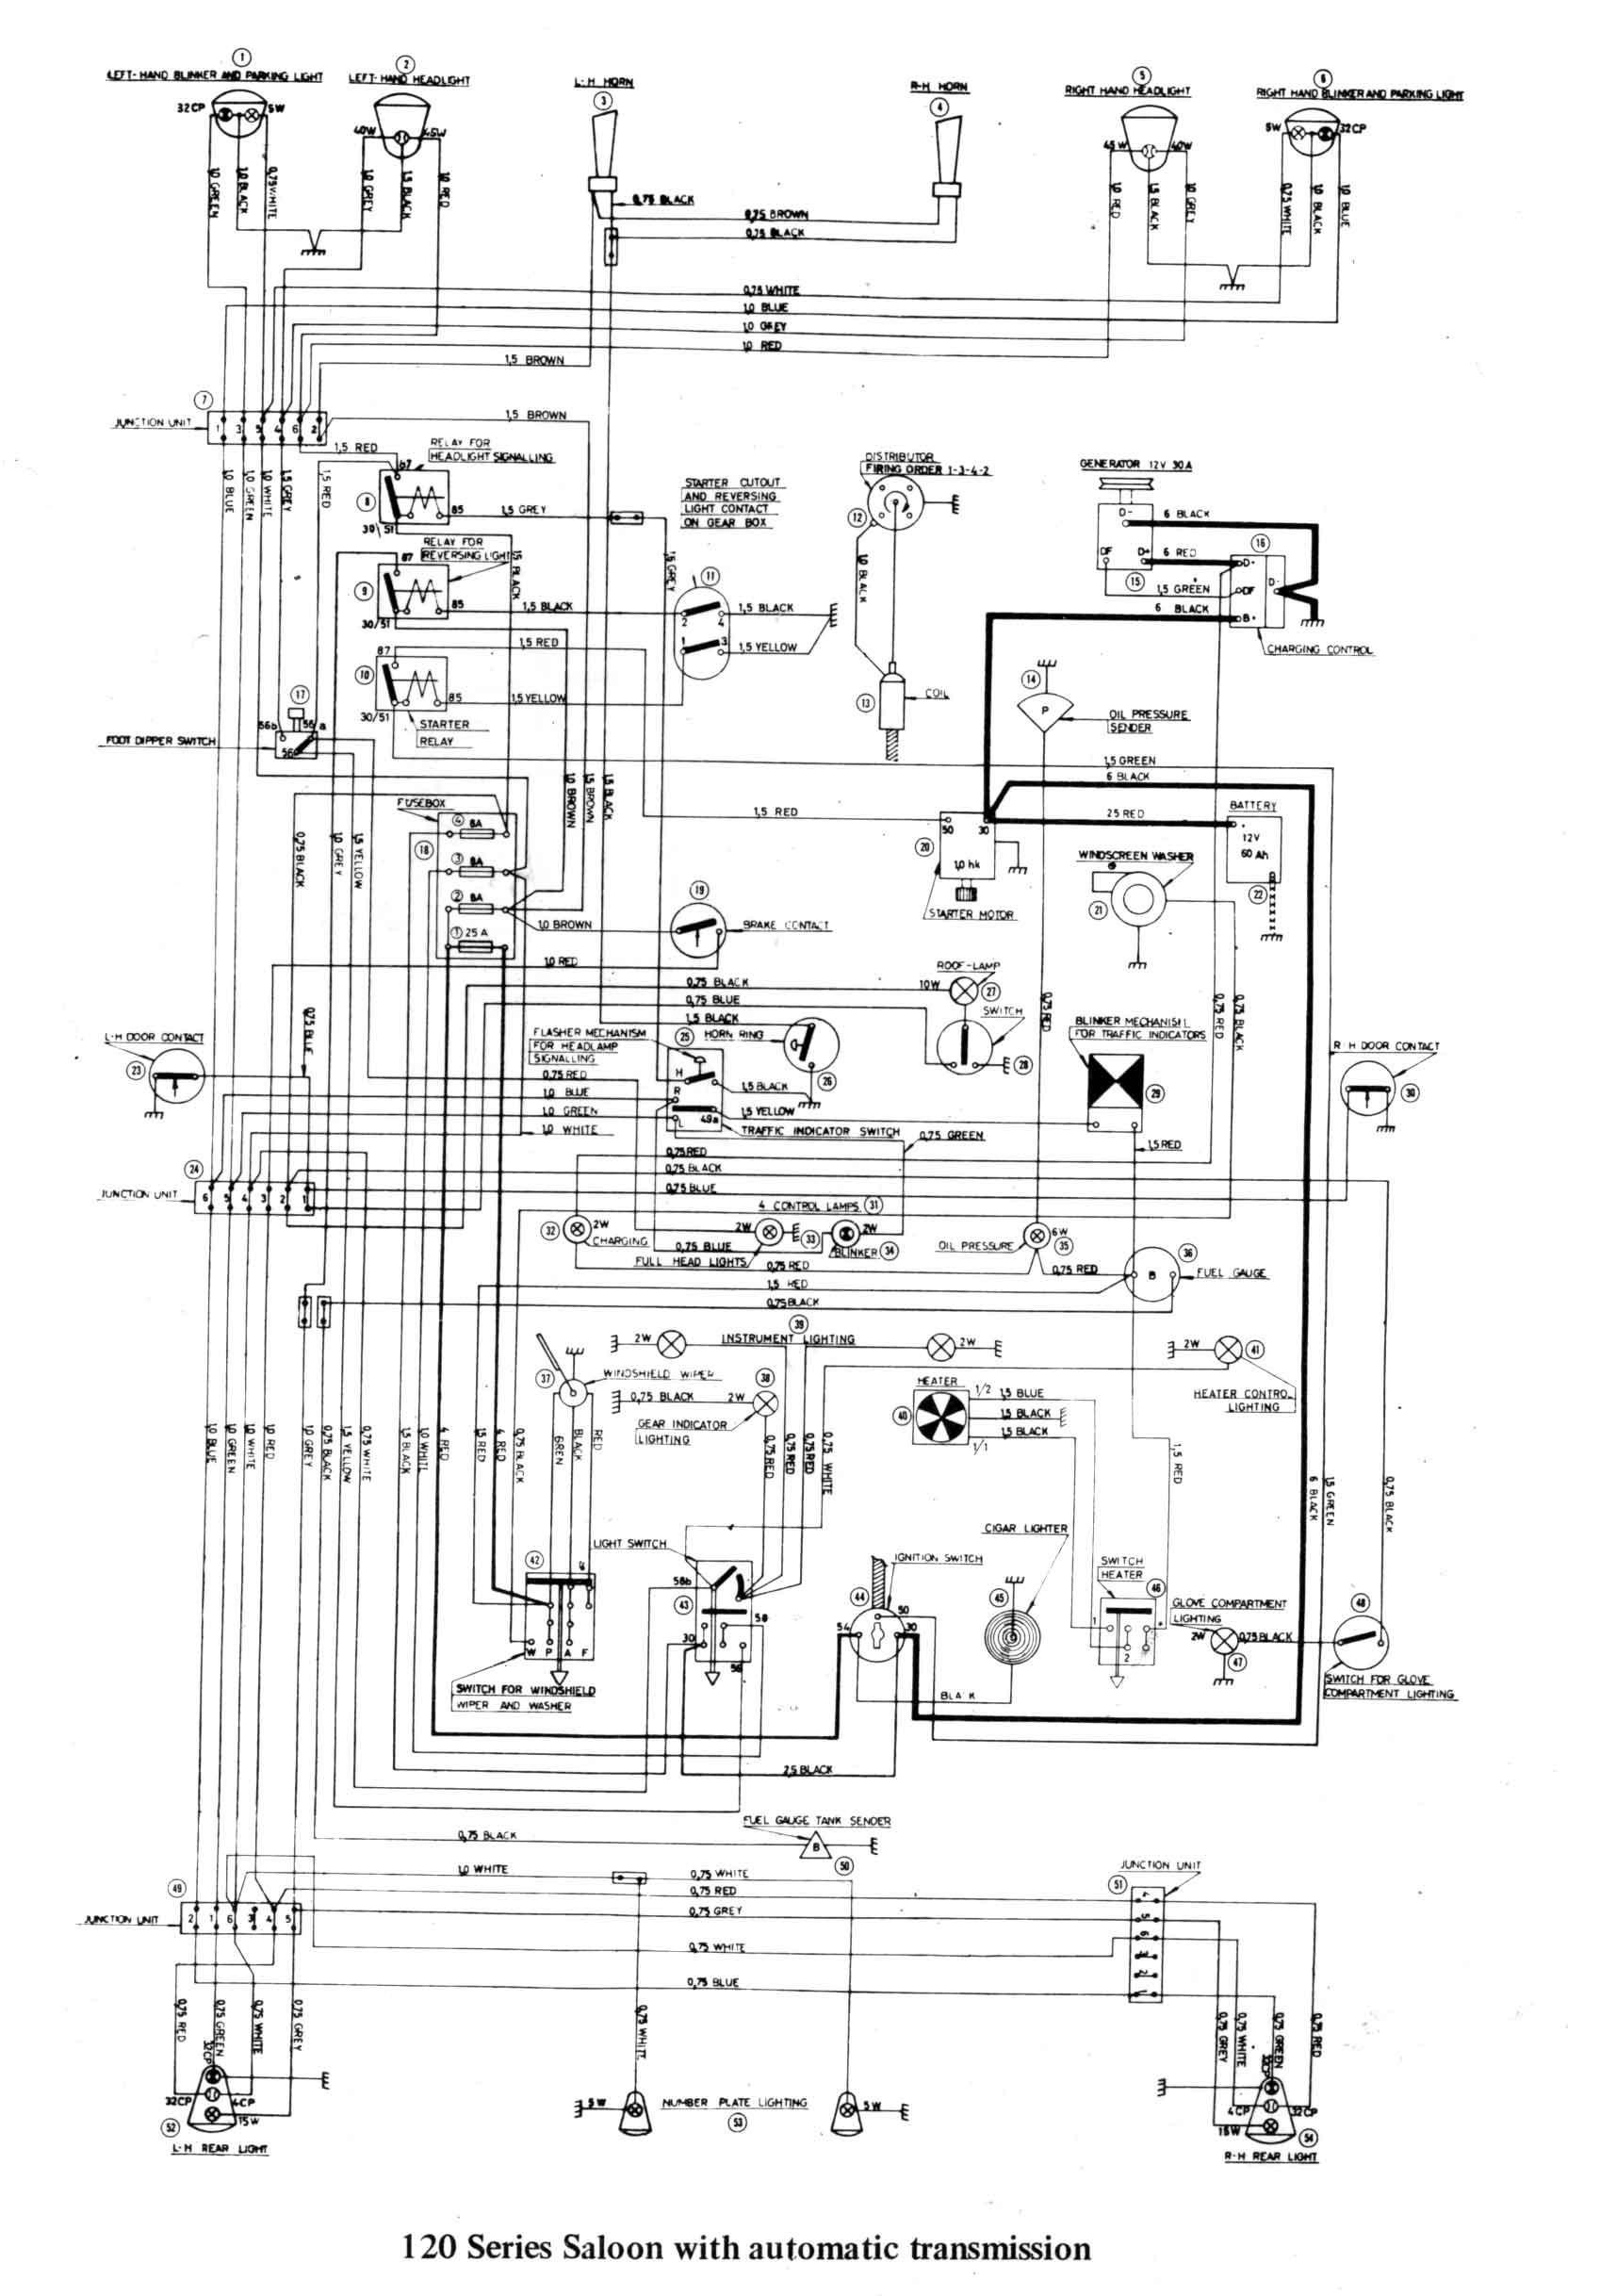 Volvo Semi Truck Fuse Diagram Volvo Semi Truck Fuse Diagram Trusted Wiring Diagrams • Of Volvo Semi Truck Fuse Diagram